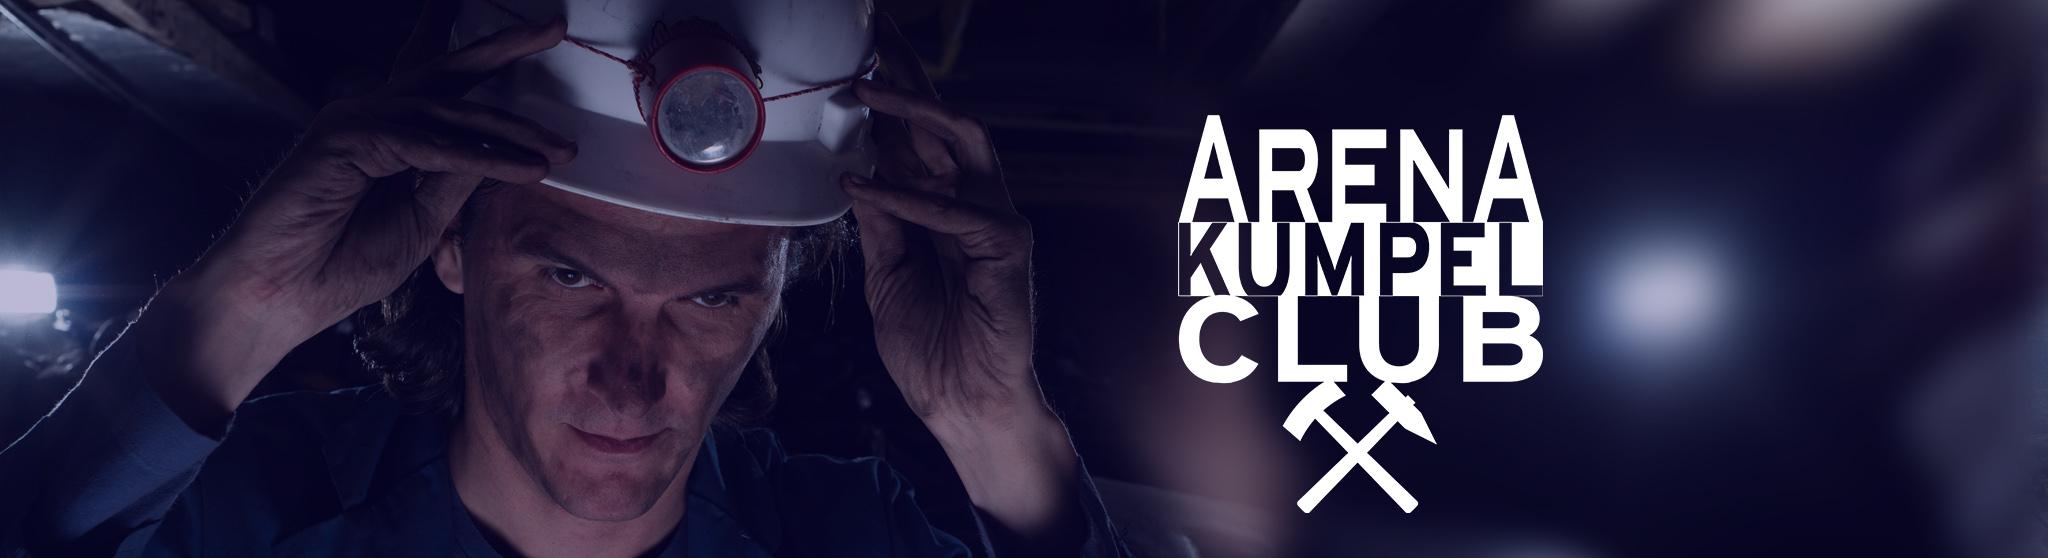 ARENA Kumpel Club